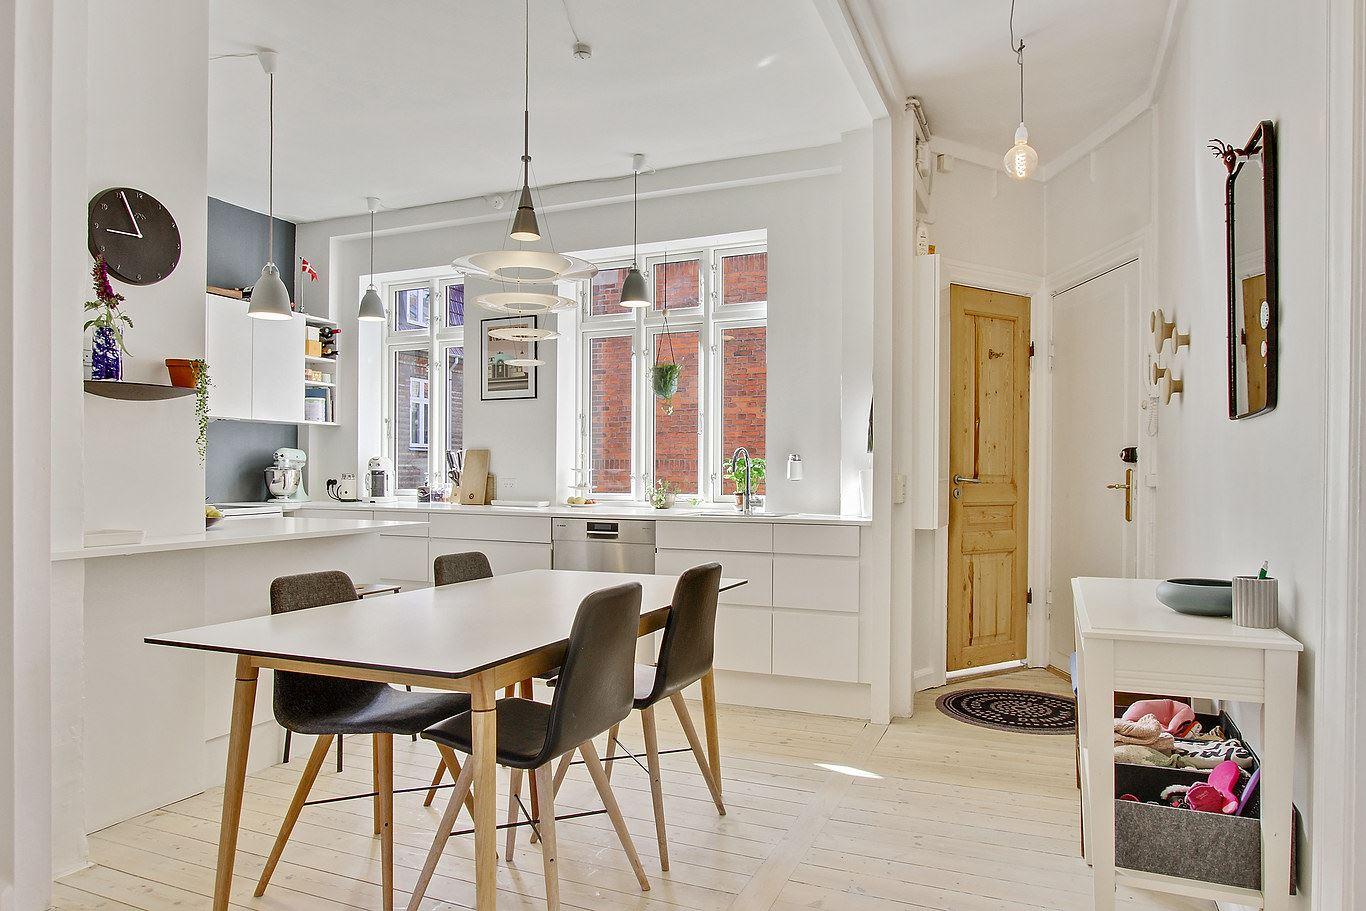 H.P. Ørums Gade 28, 1., 2100 København Ø